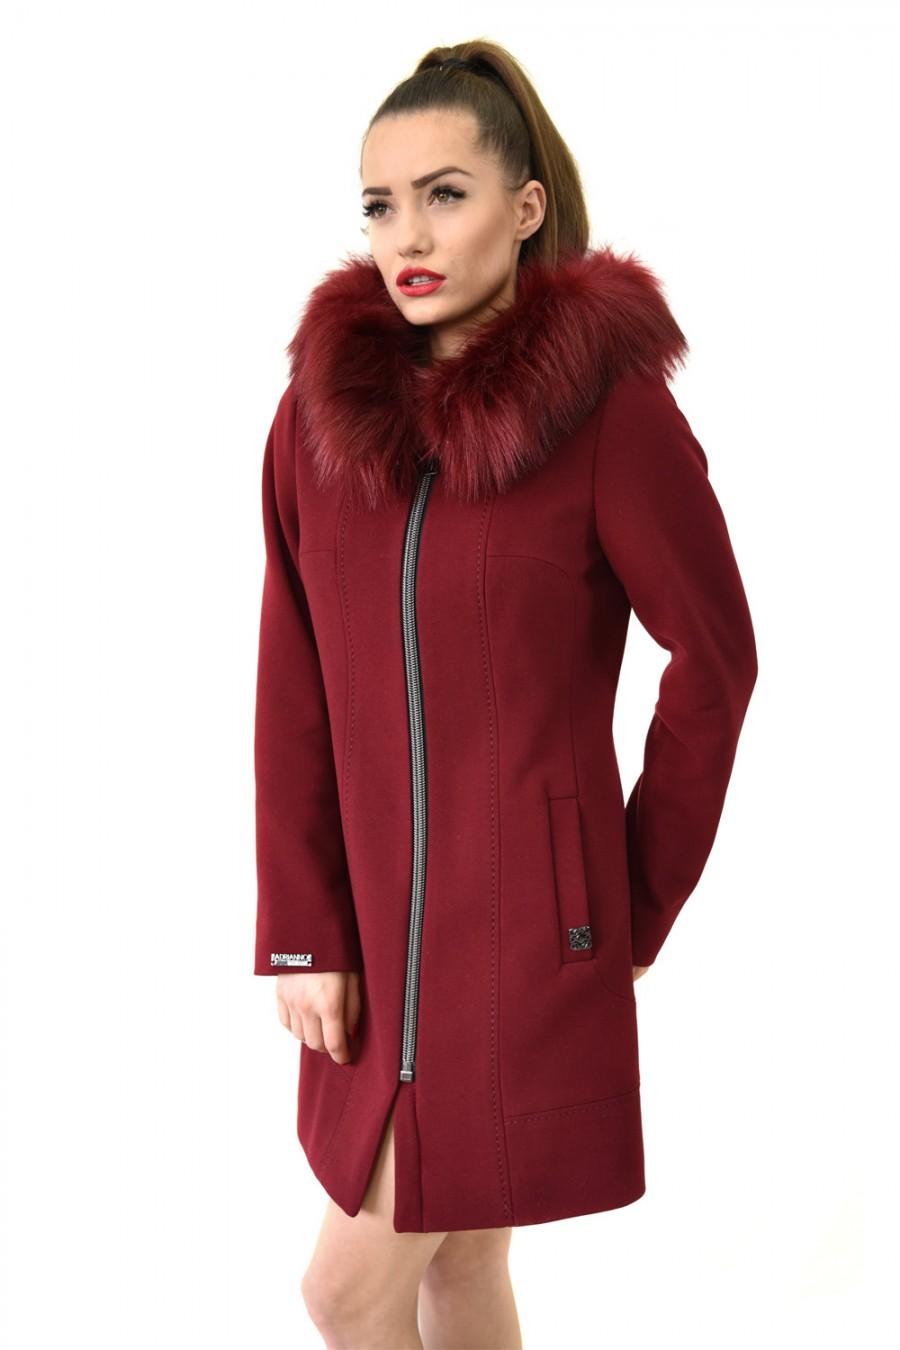 7107d5fb633ba Płaszcze damskie 2018 - Kolekcje - Adrianno-Damianii - Płaszcze, kurtki,  garnitury, sukienki, garsonki, garnitury ślubne, niskie ceny, producent.